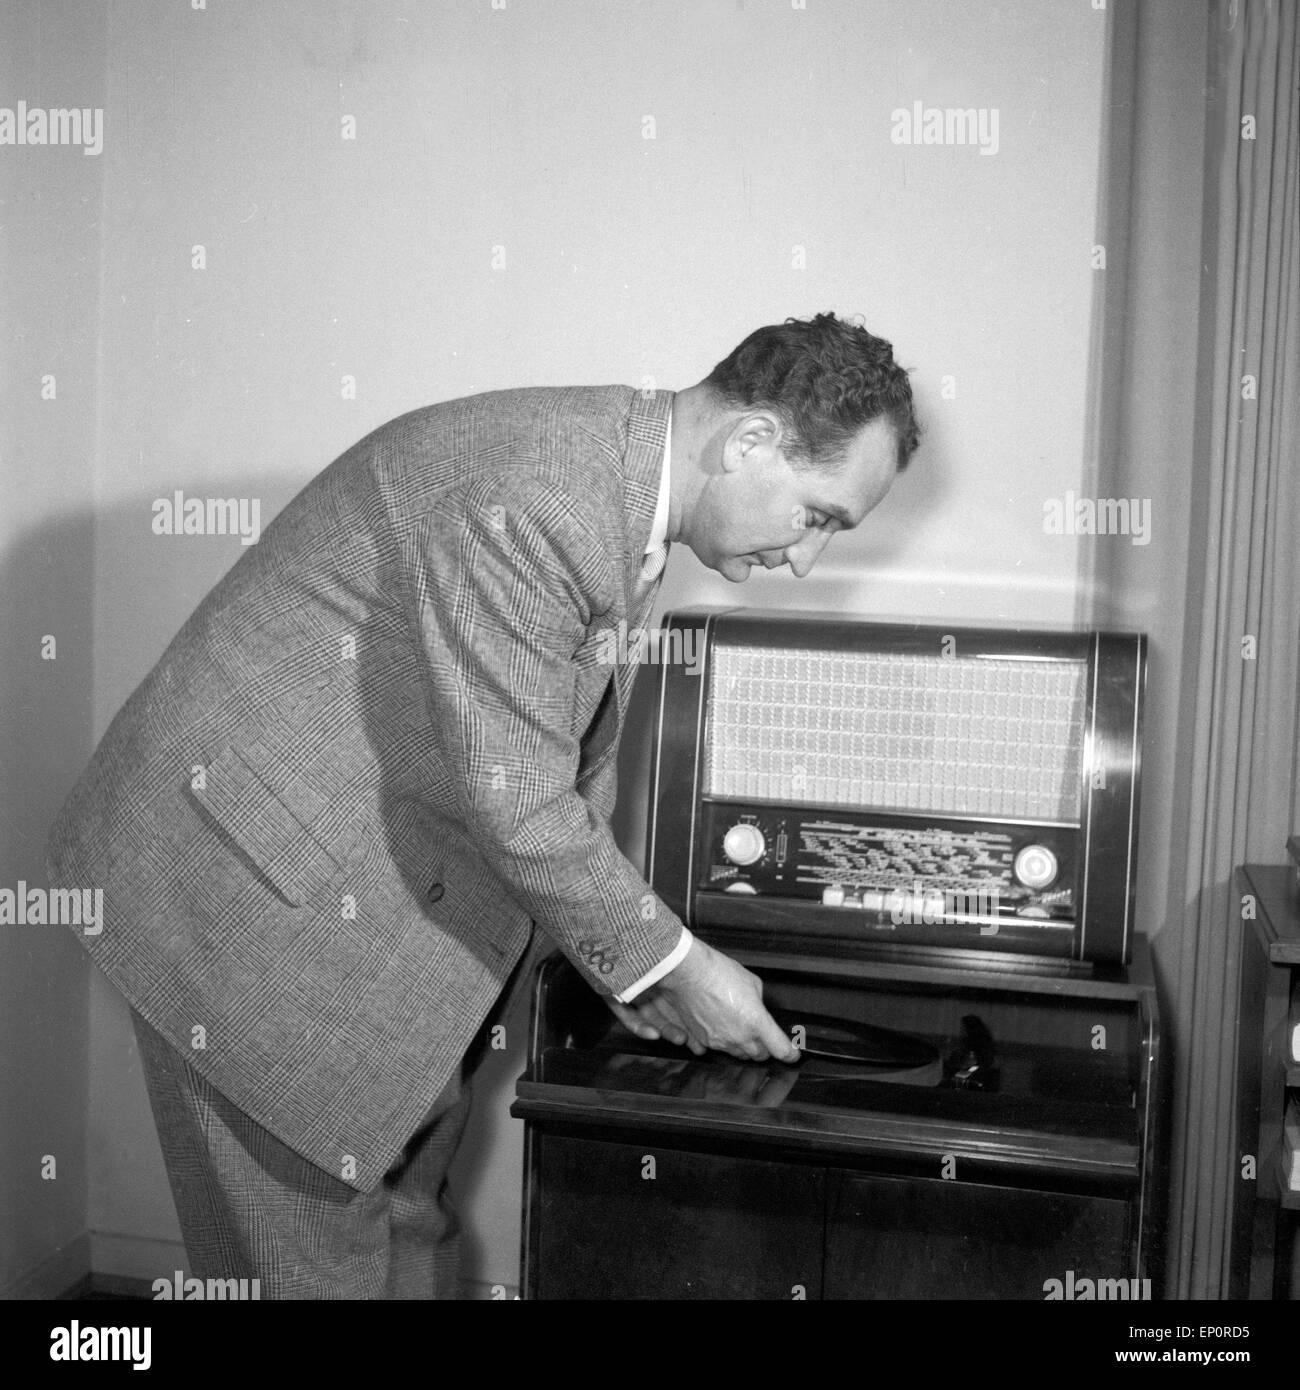 German Actor 1955 Stock Photos & German Actor 1955 Stock Images - Alamy